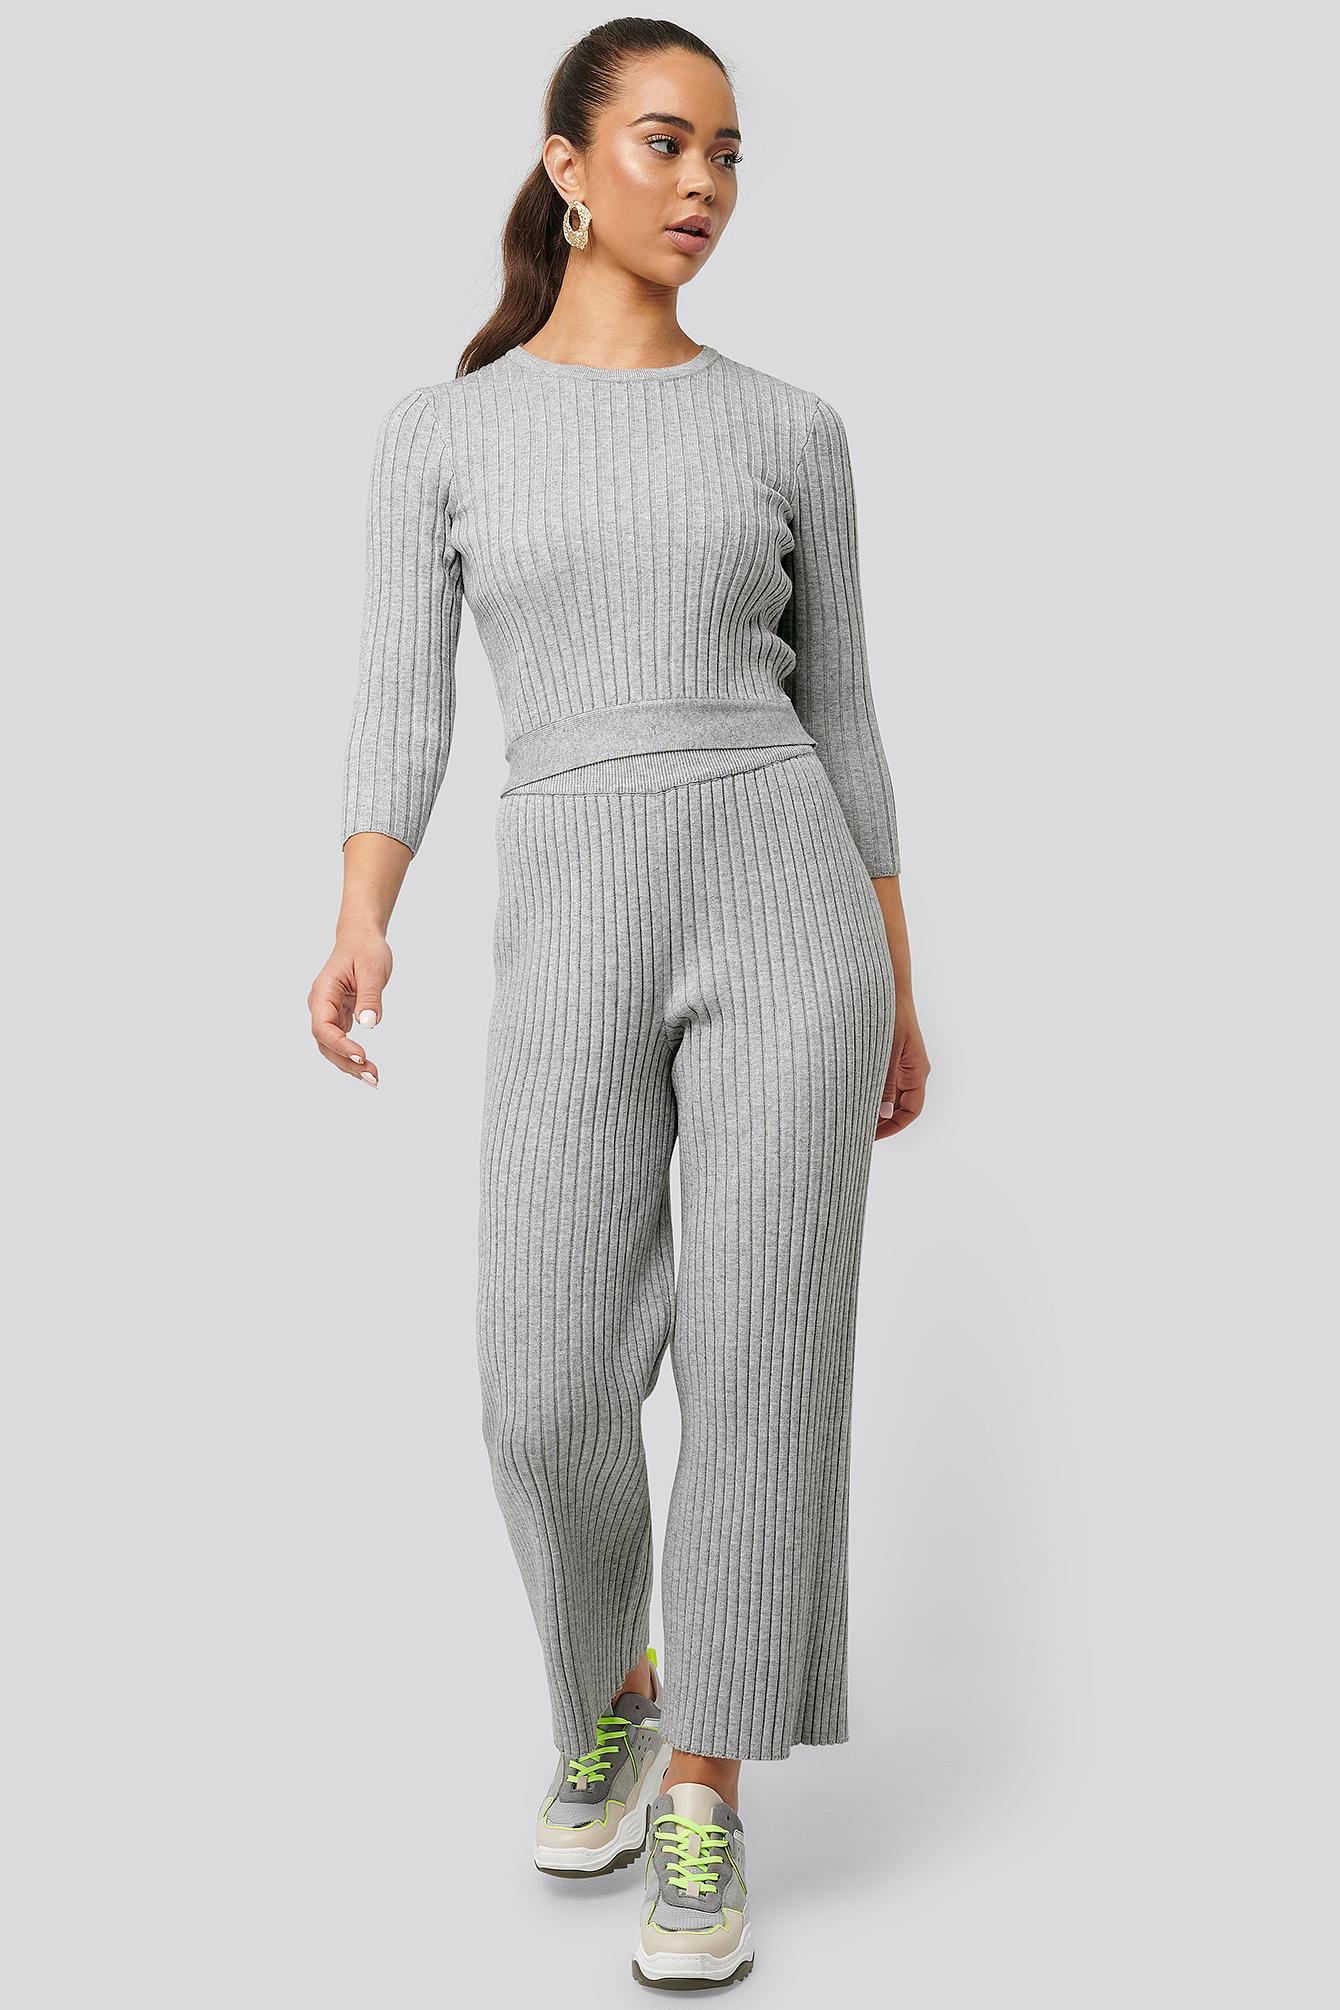 NA-KD Ribbed Knitted Culottes - Grey | Bekleidung > Hosen > Culottes | NA-KD